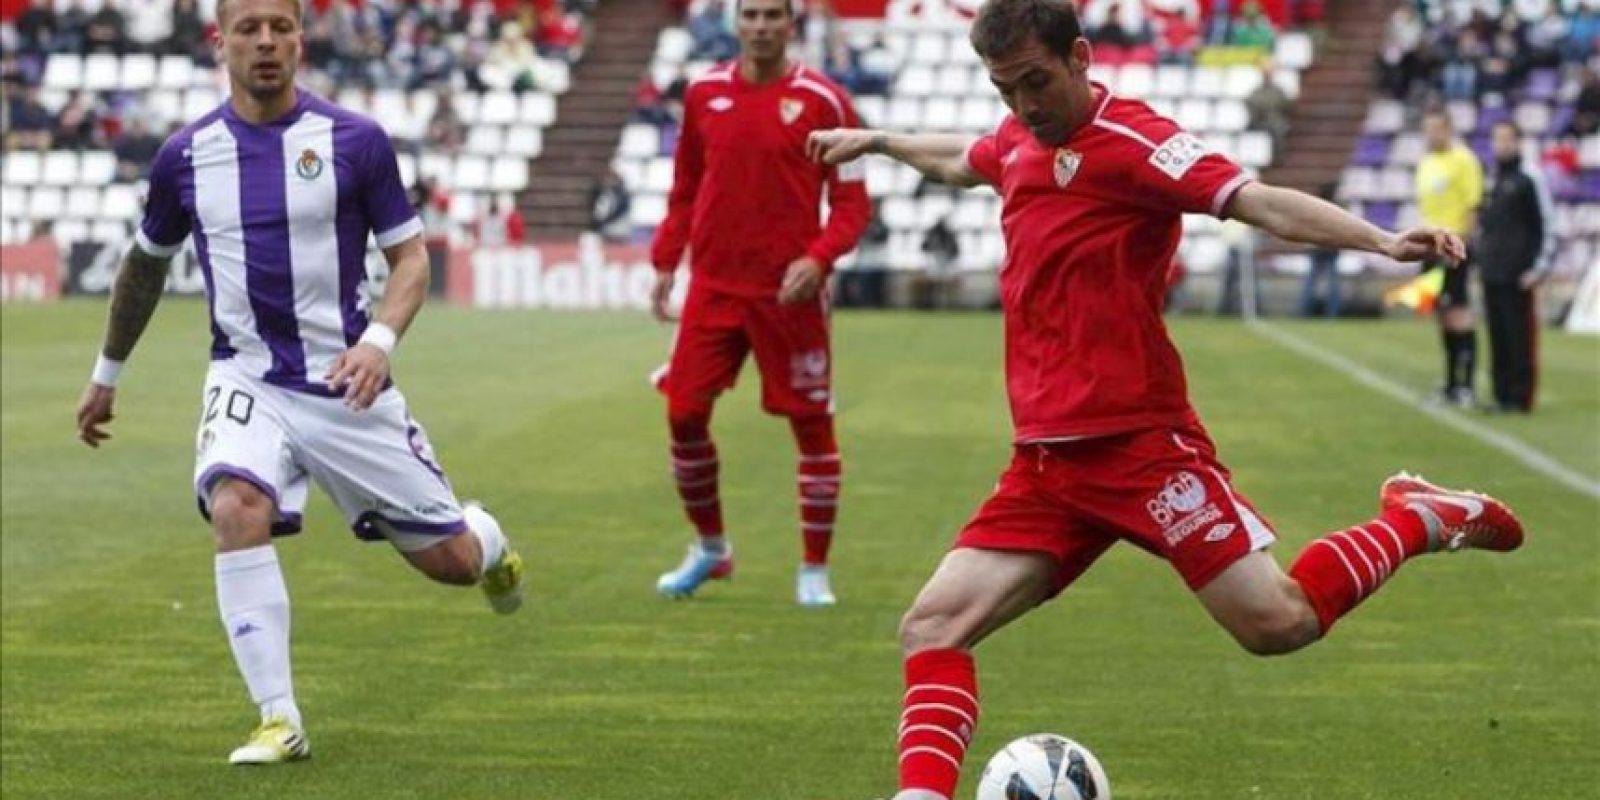 El defensa del Sevilla Juan Cala (d) intenta un pase ante el delantero alemán del Valladolid Patrick Ebert, durante el partido de la trigésima tercera jornada de liga en Primera División que se disputó en el estadio José Zorrilla. EFE